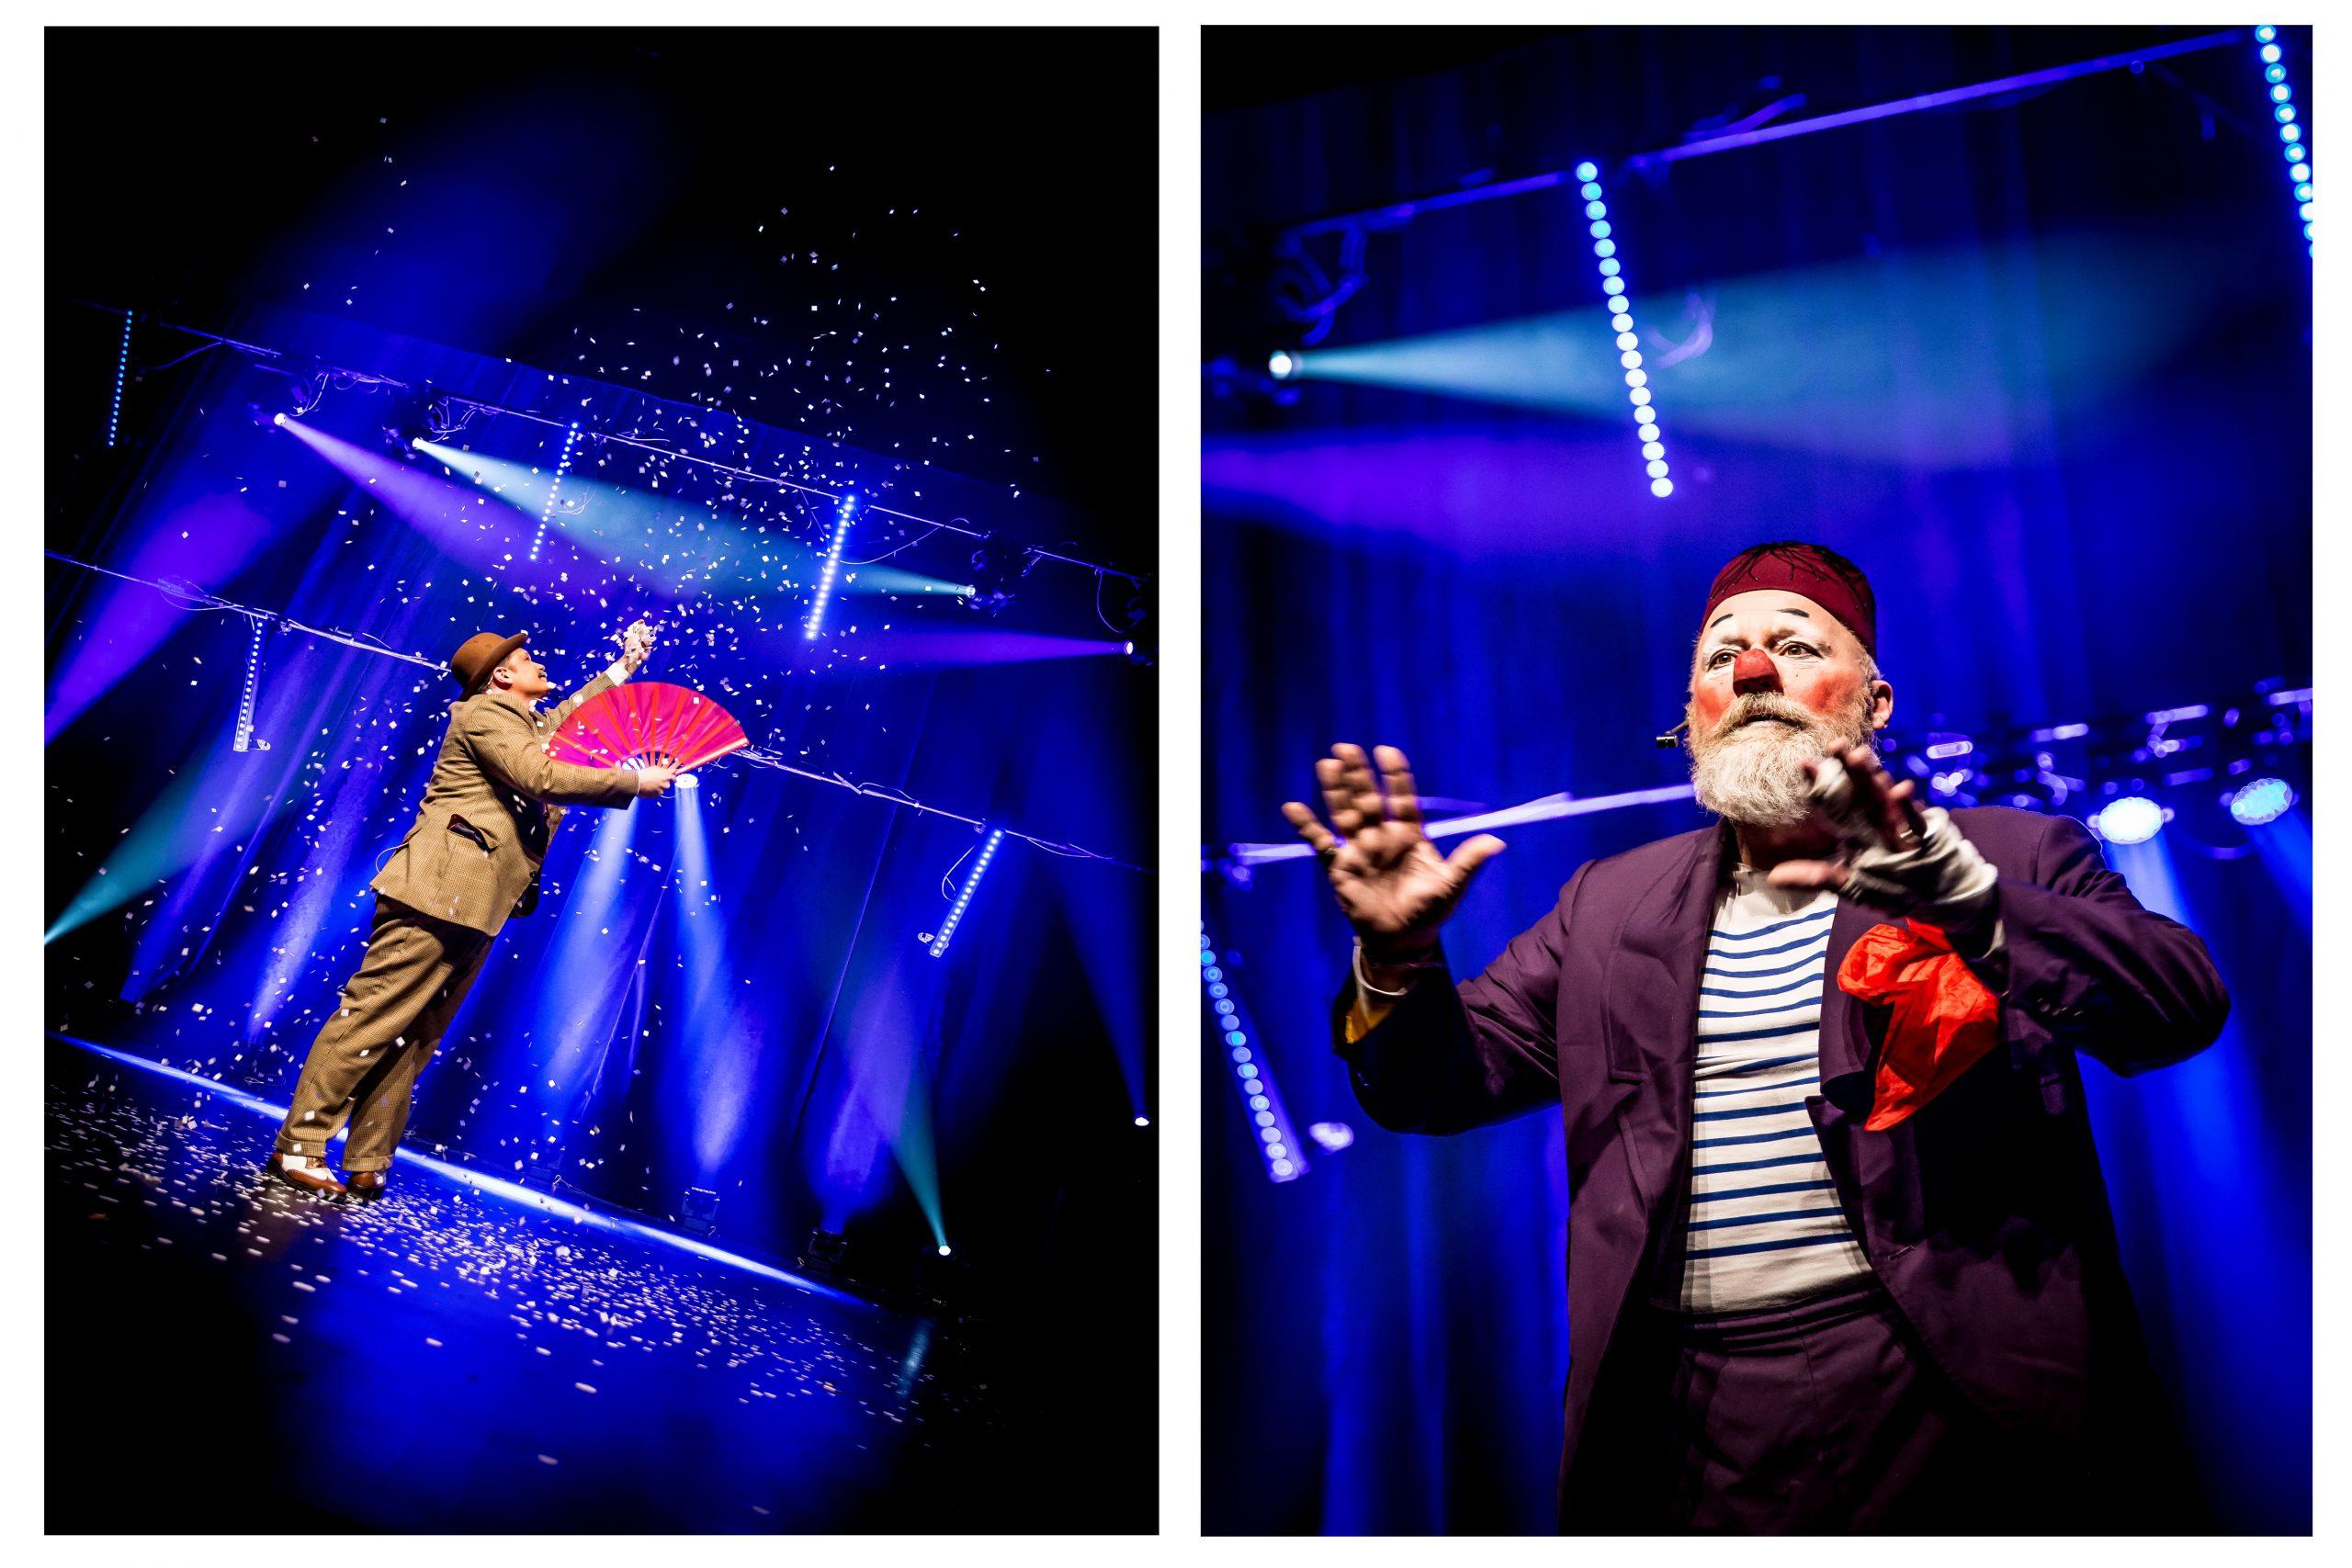 Photo du spectacle de magie avec le magicien Gregory Bellini et le clown Momo © Sophie Stalnikiewicz